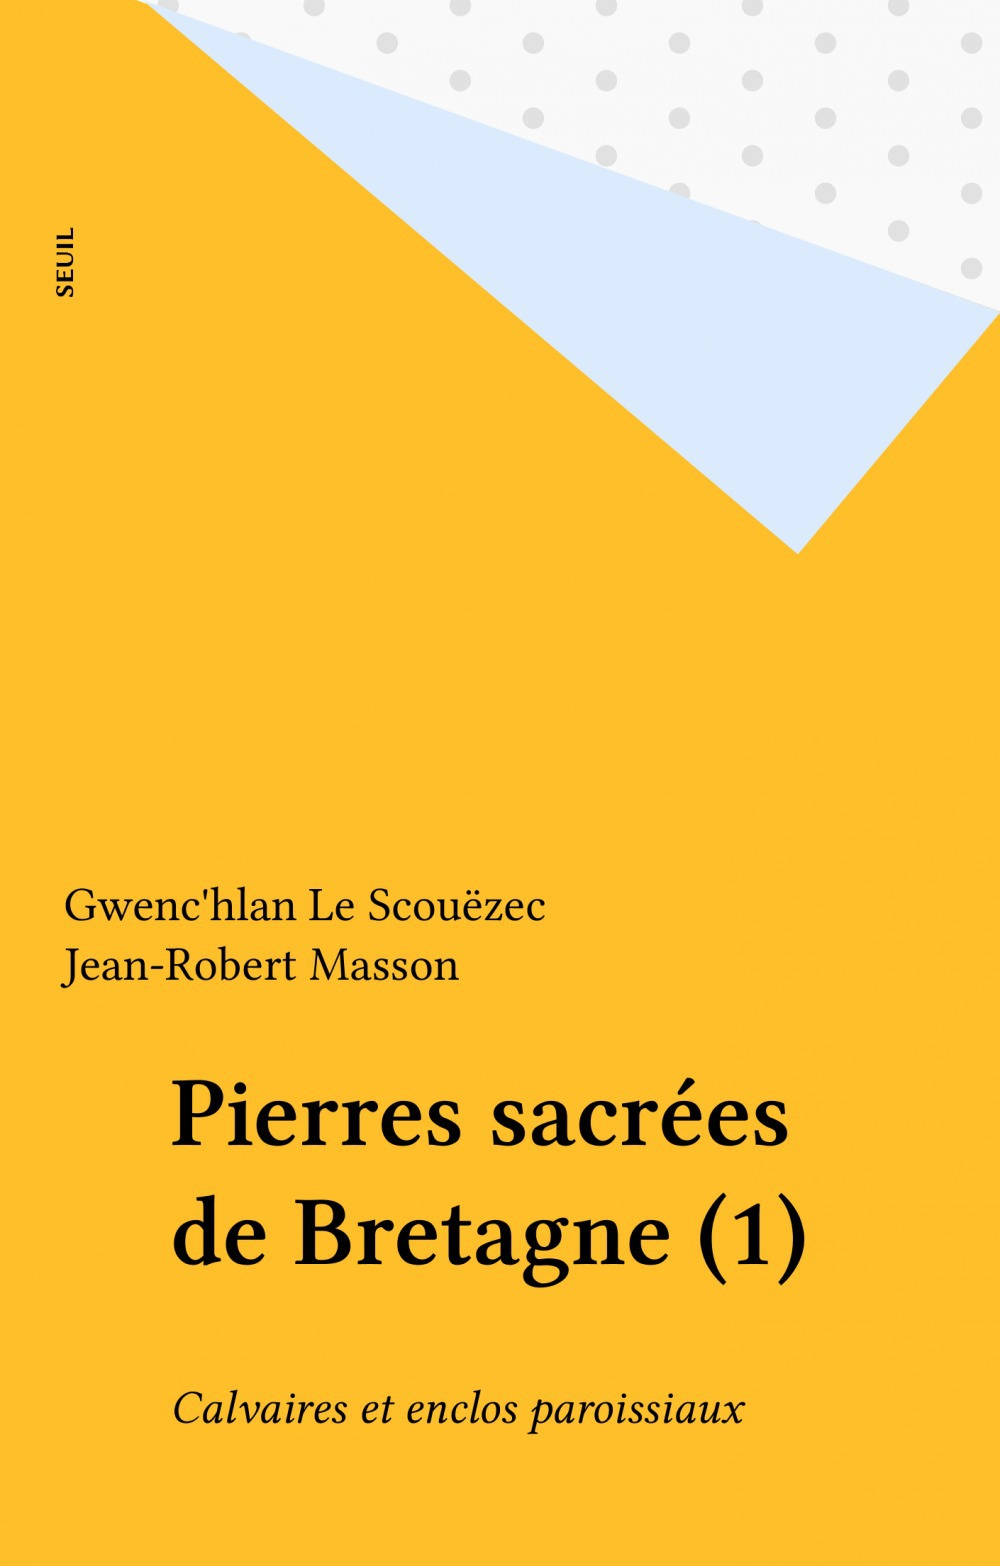 Pierres sacrees de bretagne. calvaires et enclos paroissiaux